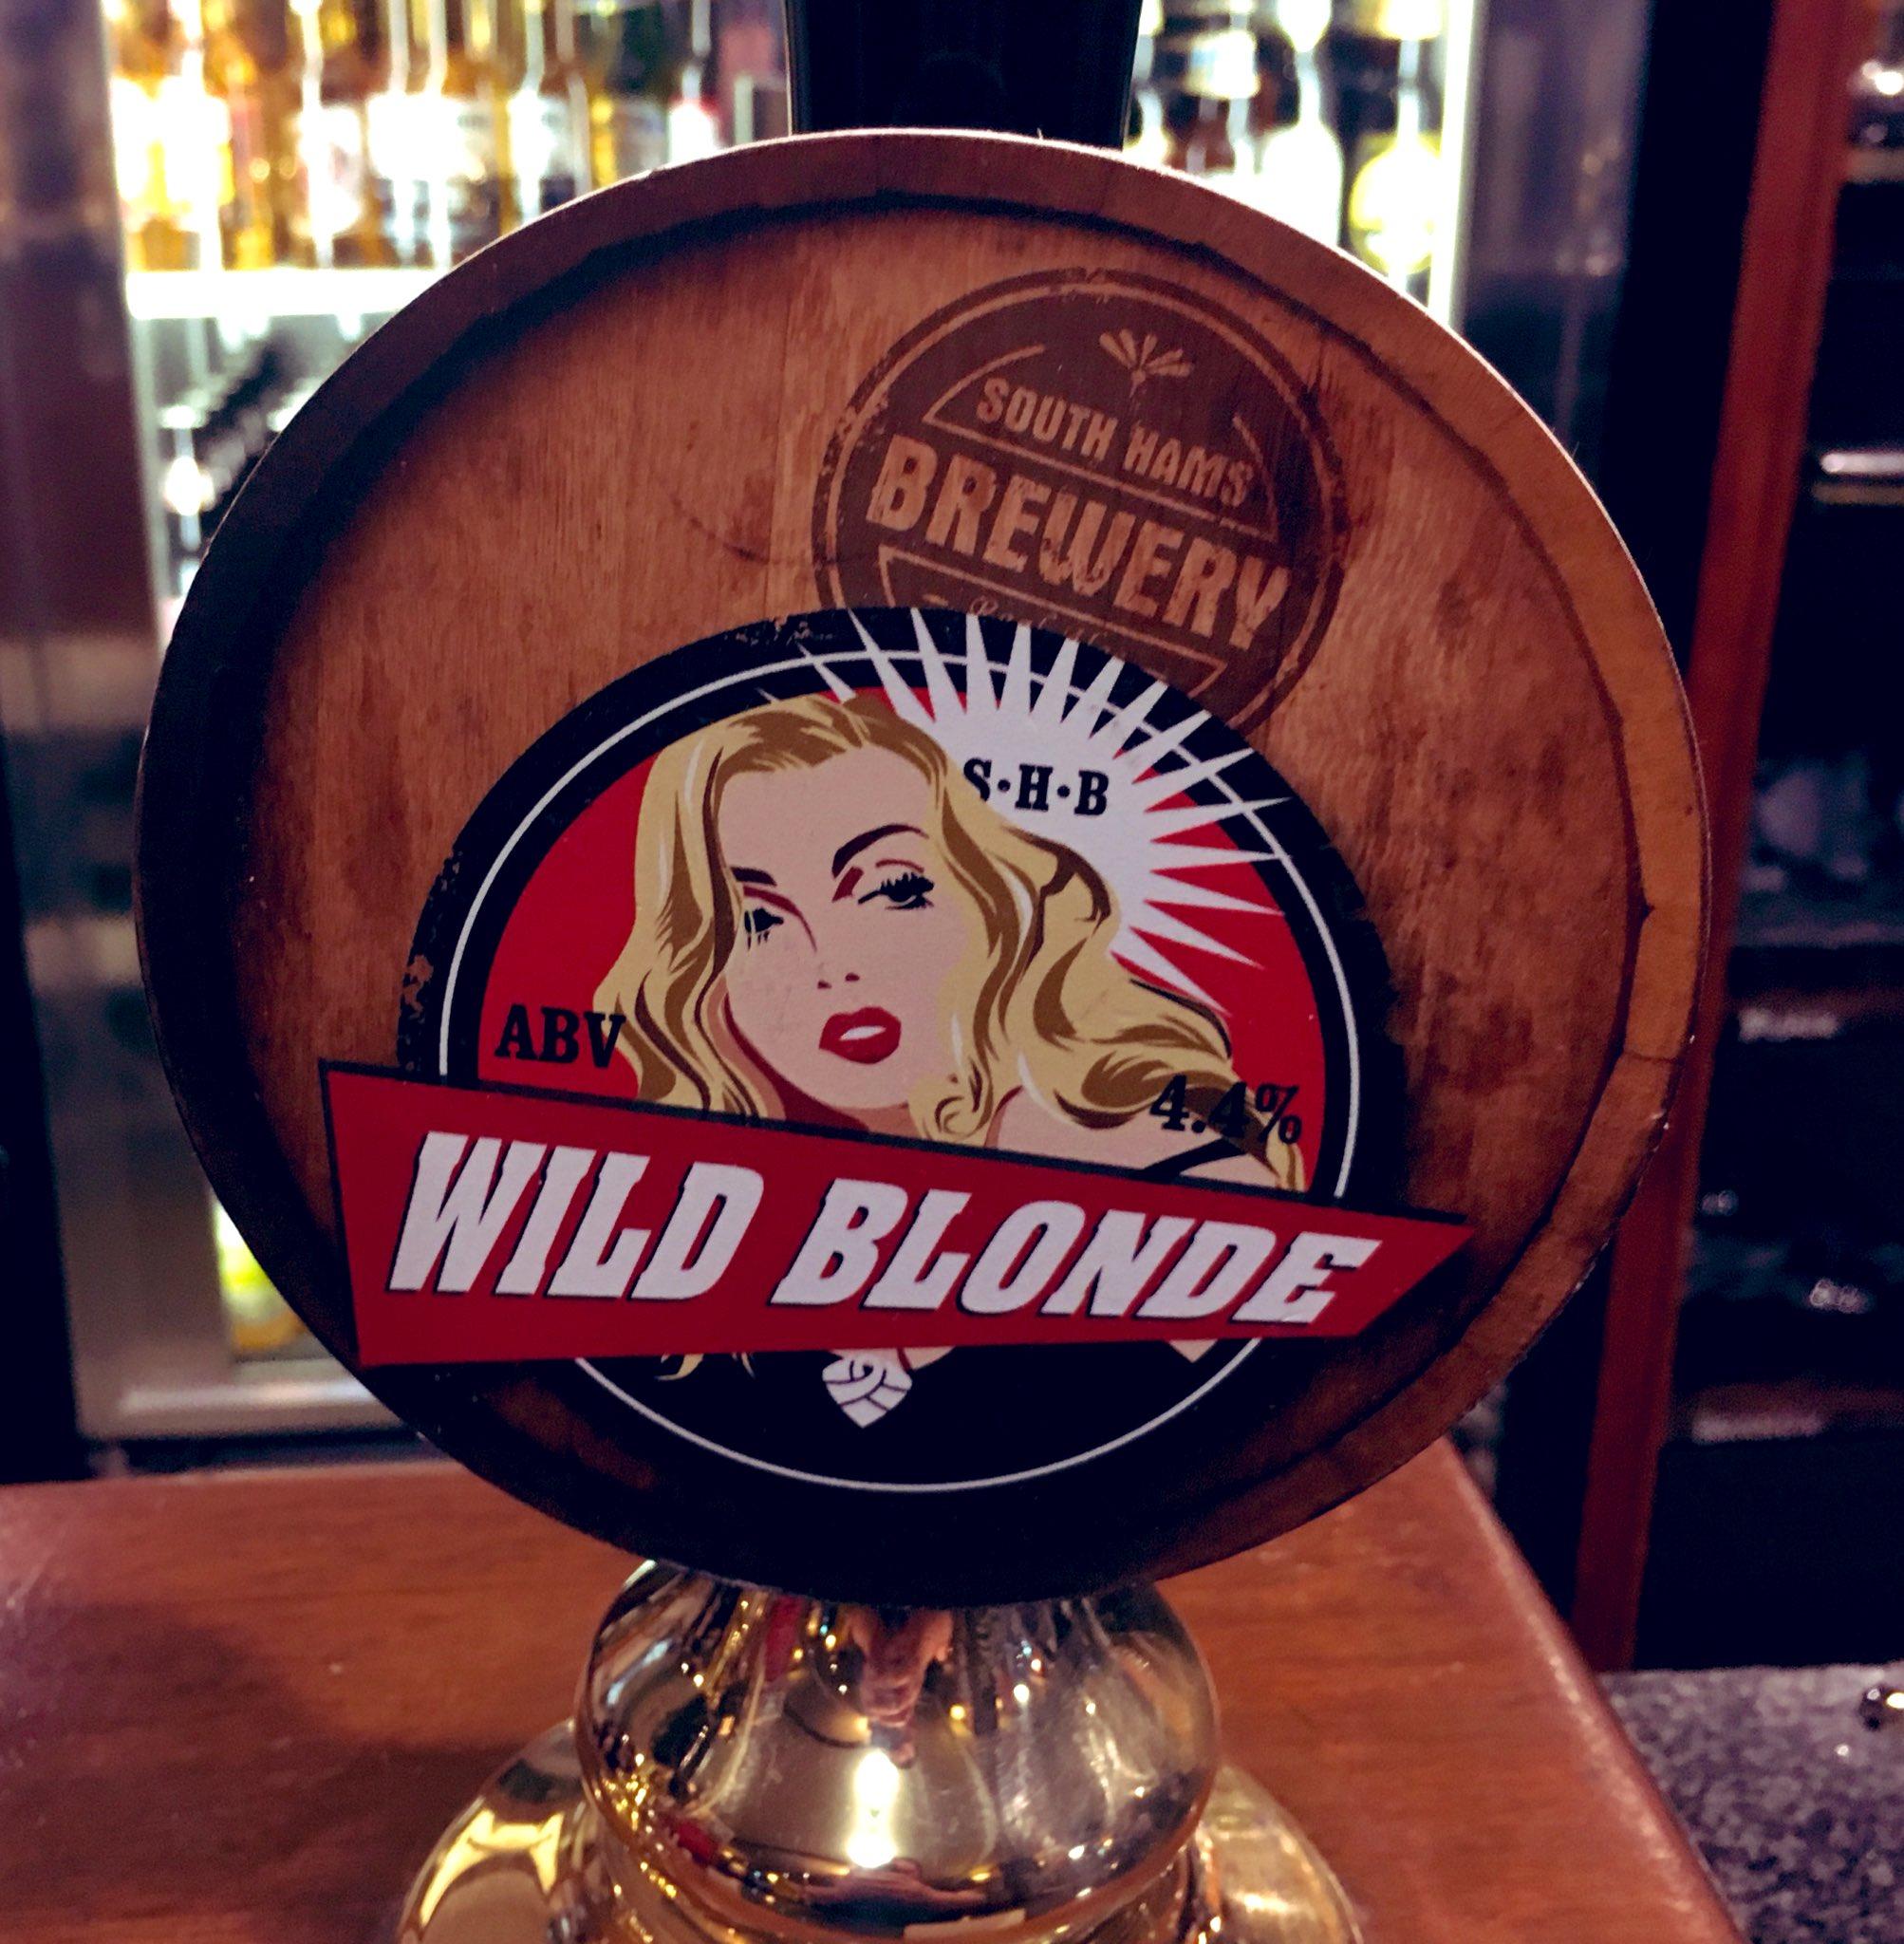 188: Wild Blonde